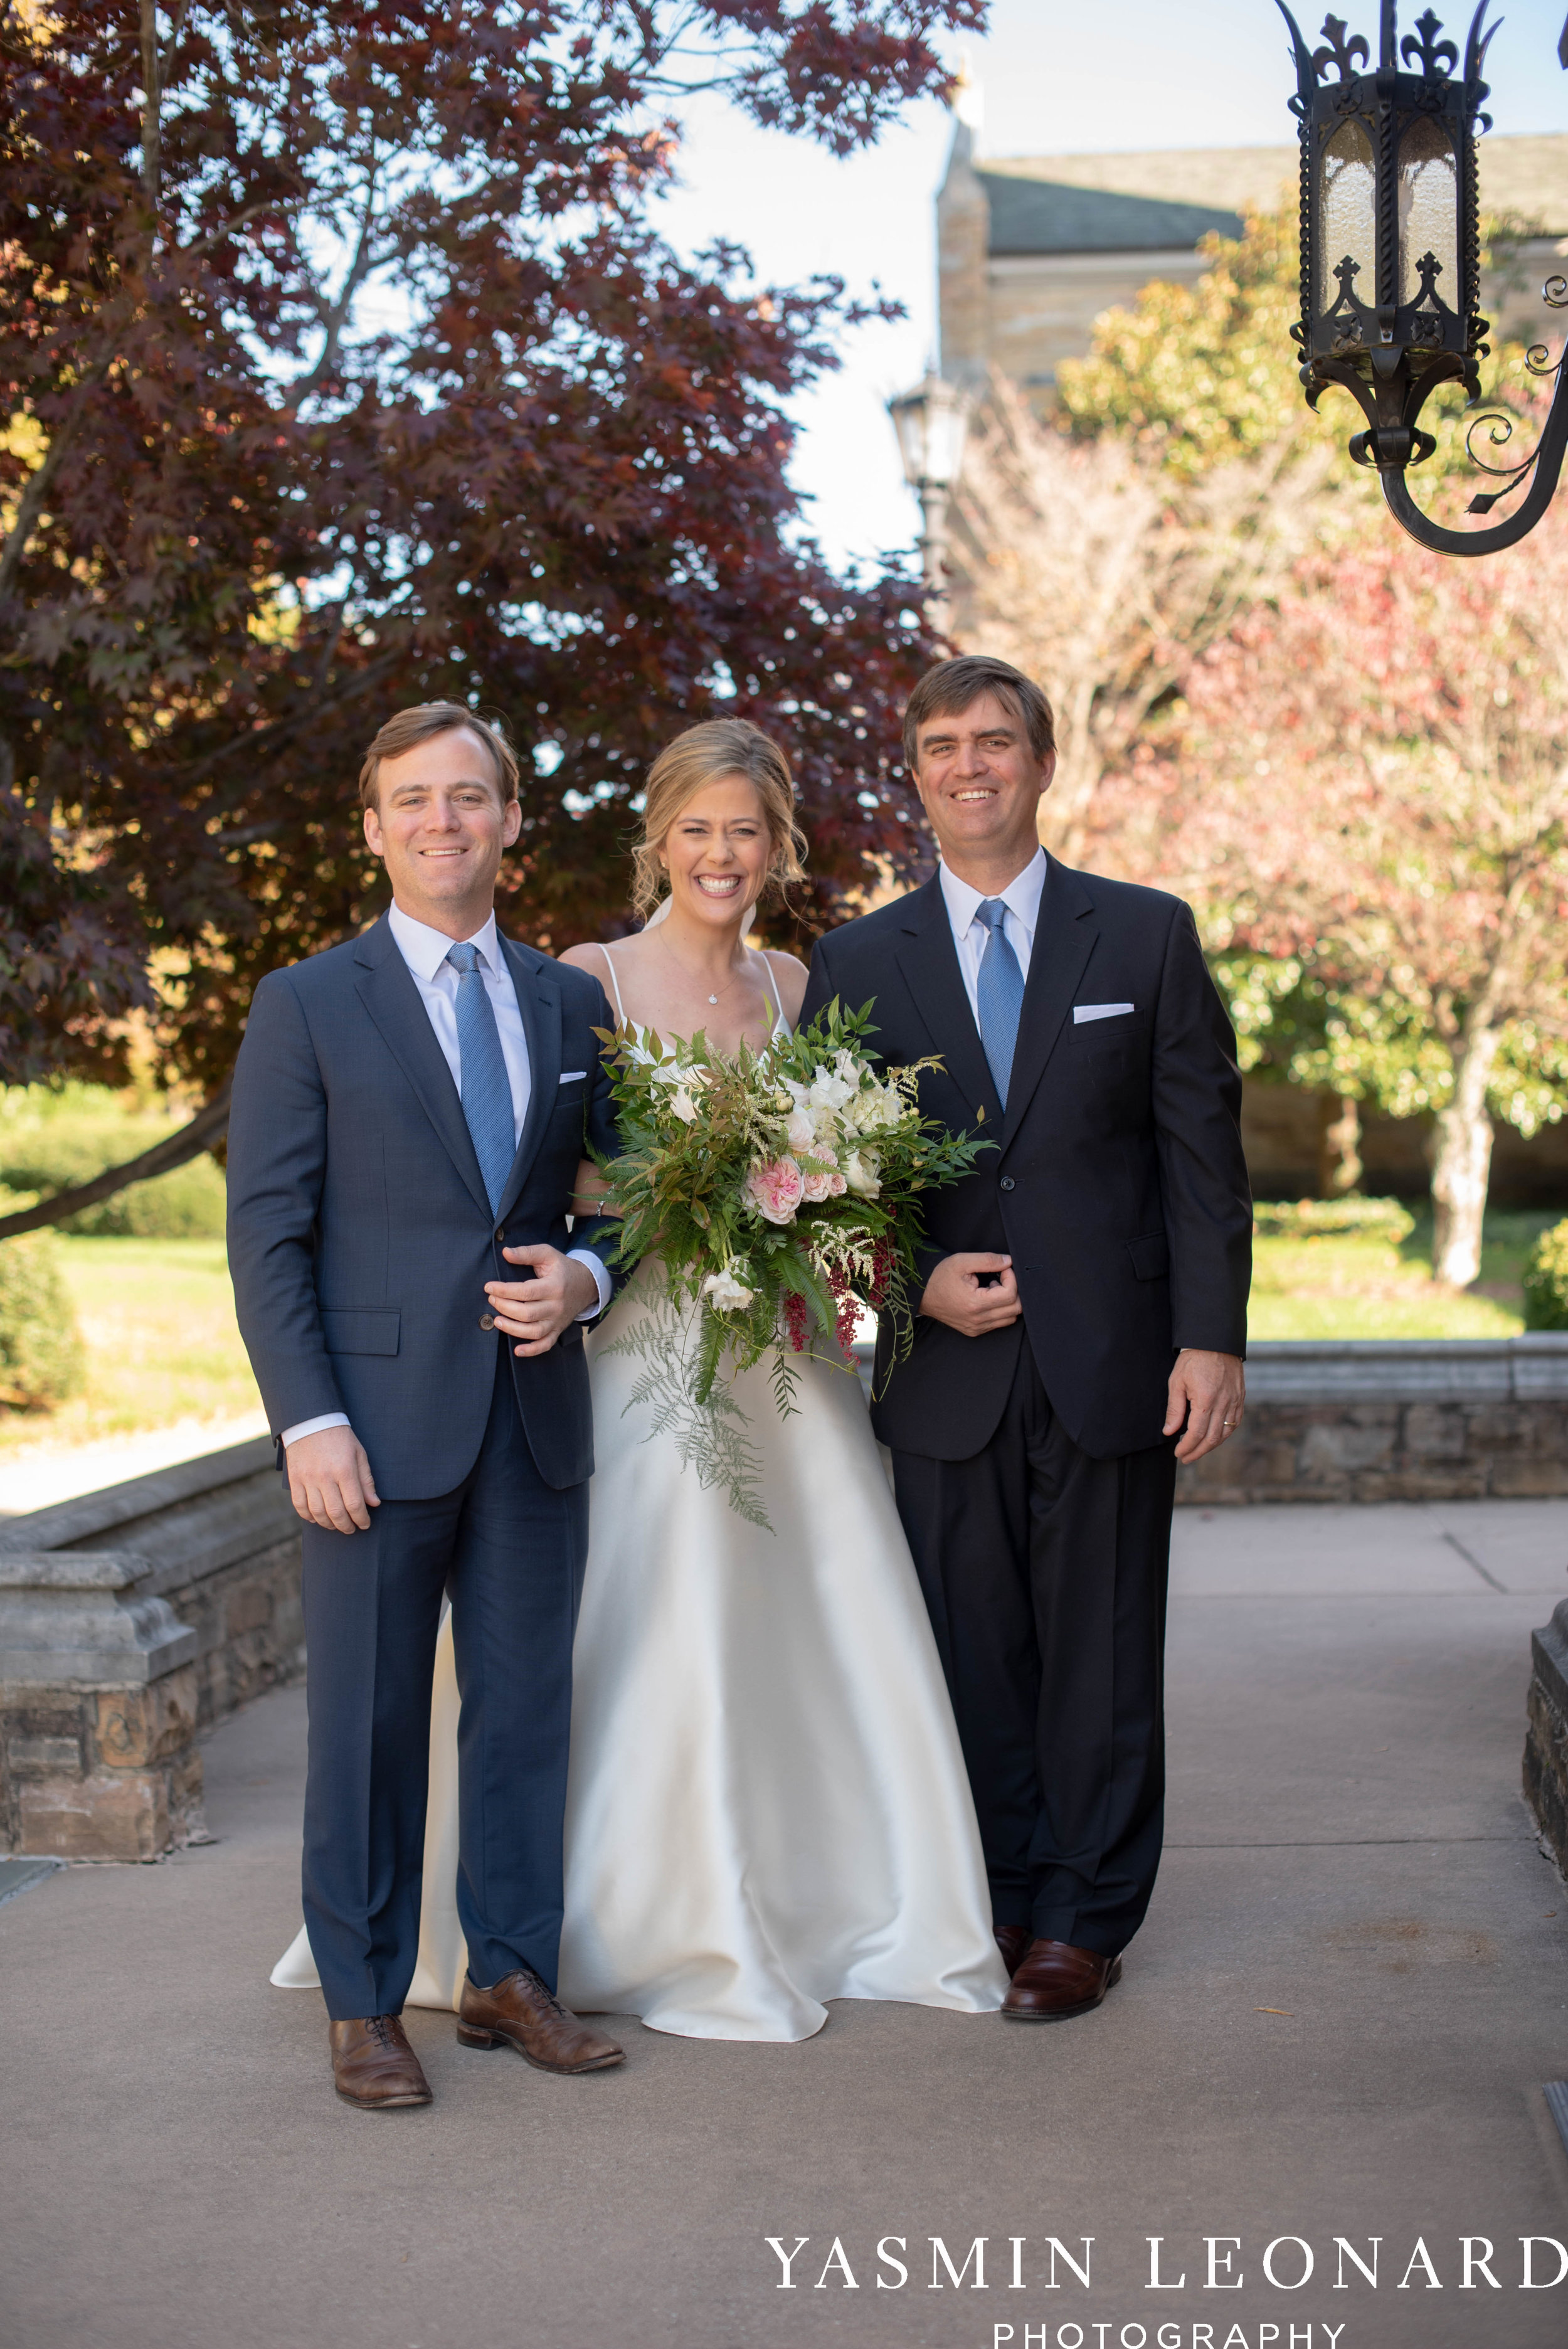 Wesley Memorial United Methodist Church - EmeryWood - High Point Weddings - High Point Wedding Photographer - NC Wedding Photographer - Yasmin Leonard Photography-17.jpg